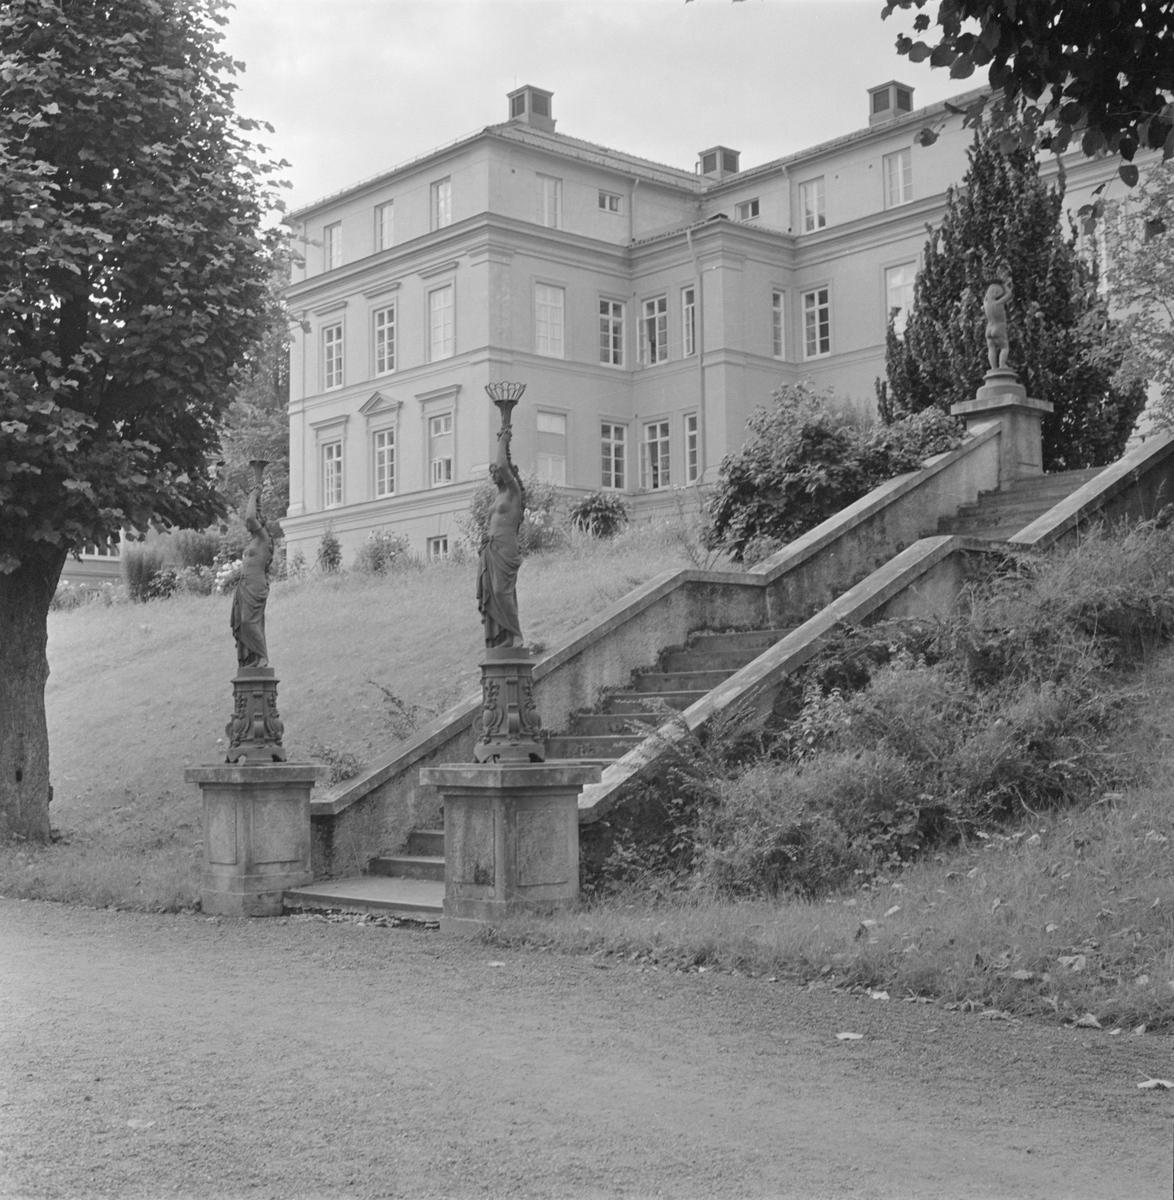 Akademiska sjukhuset, äldsta byggnaden, Uppsala 1958